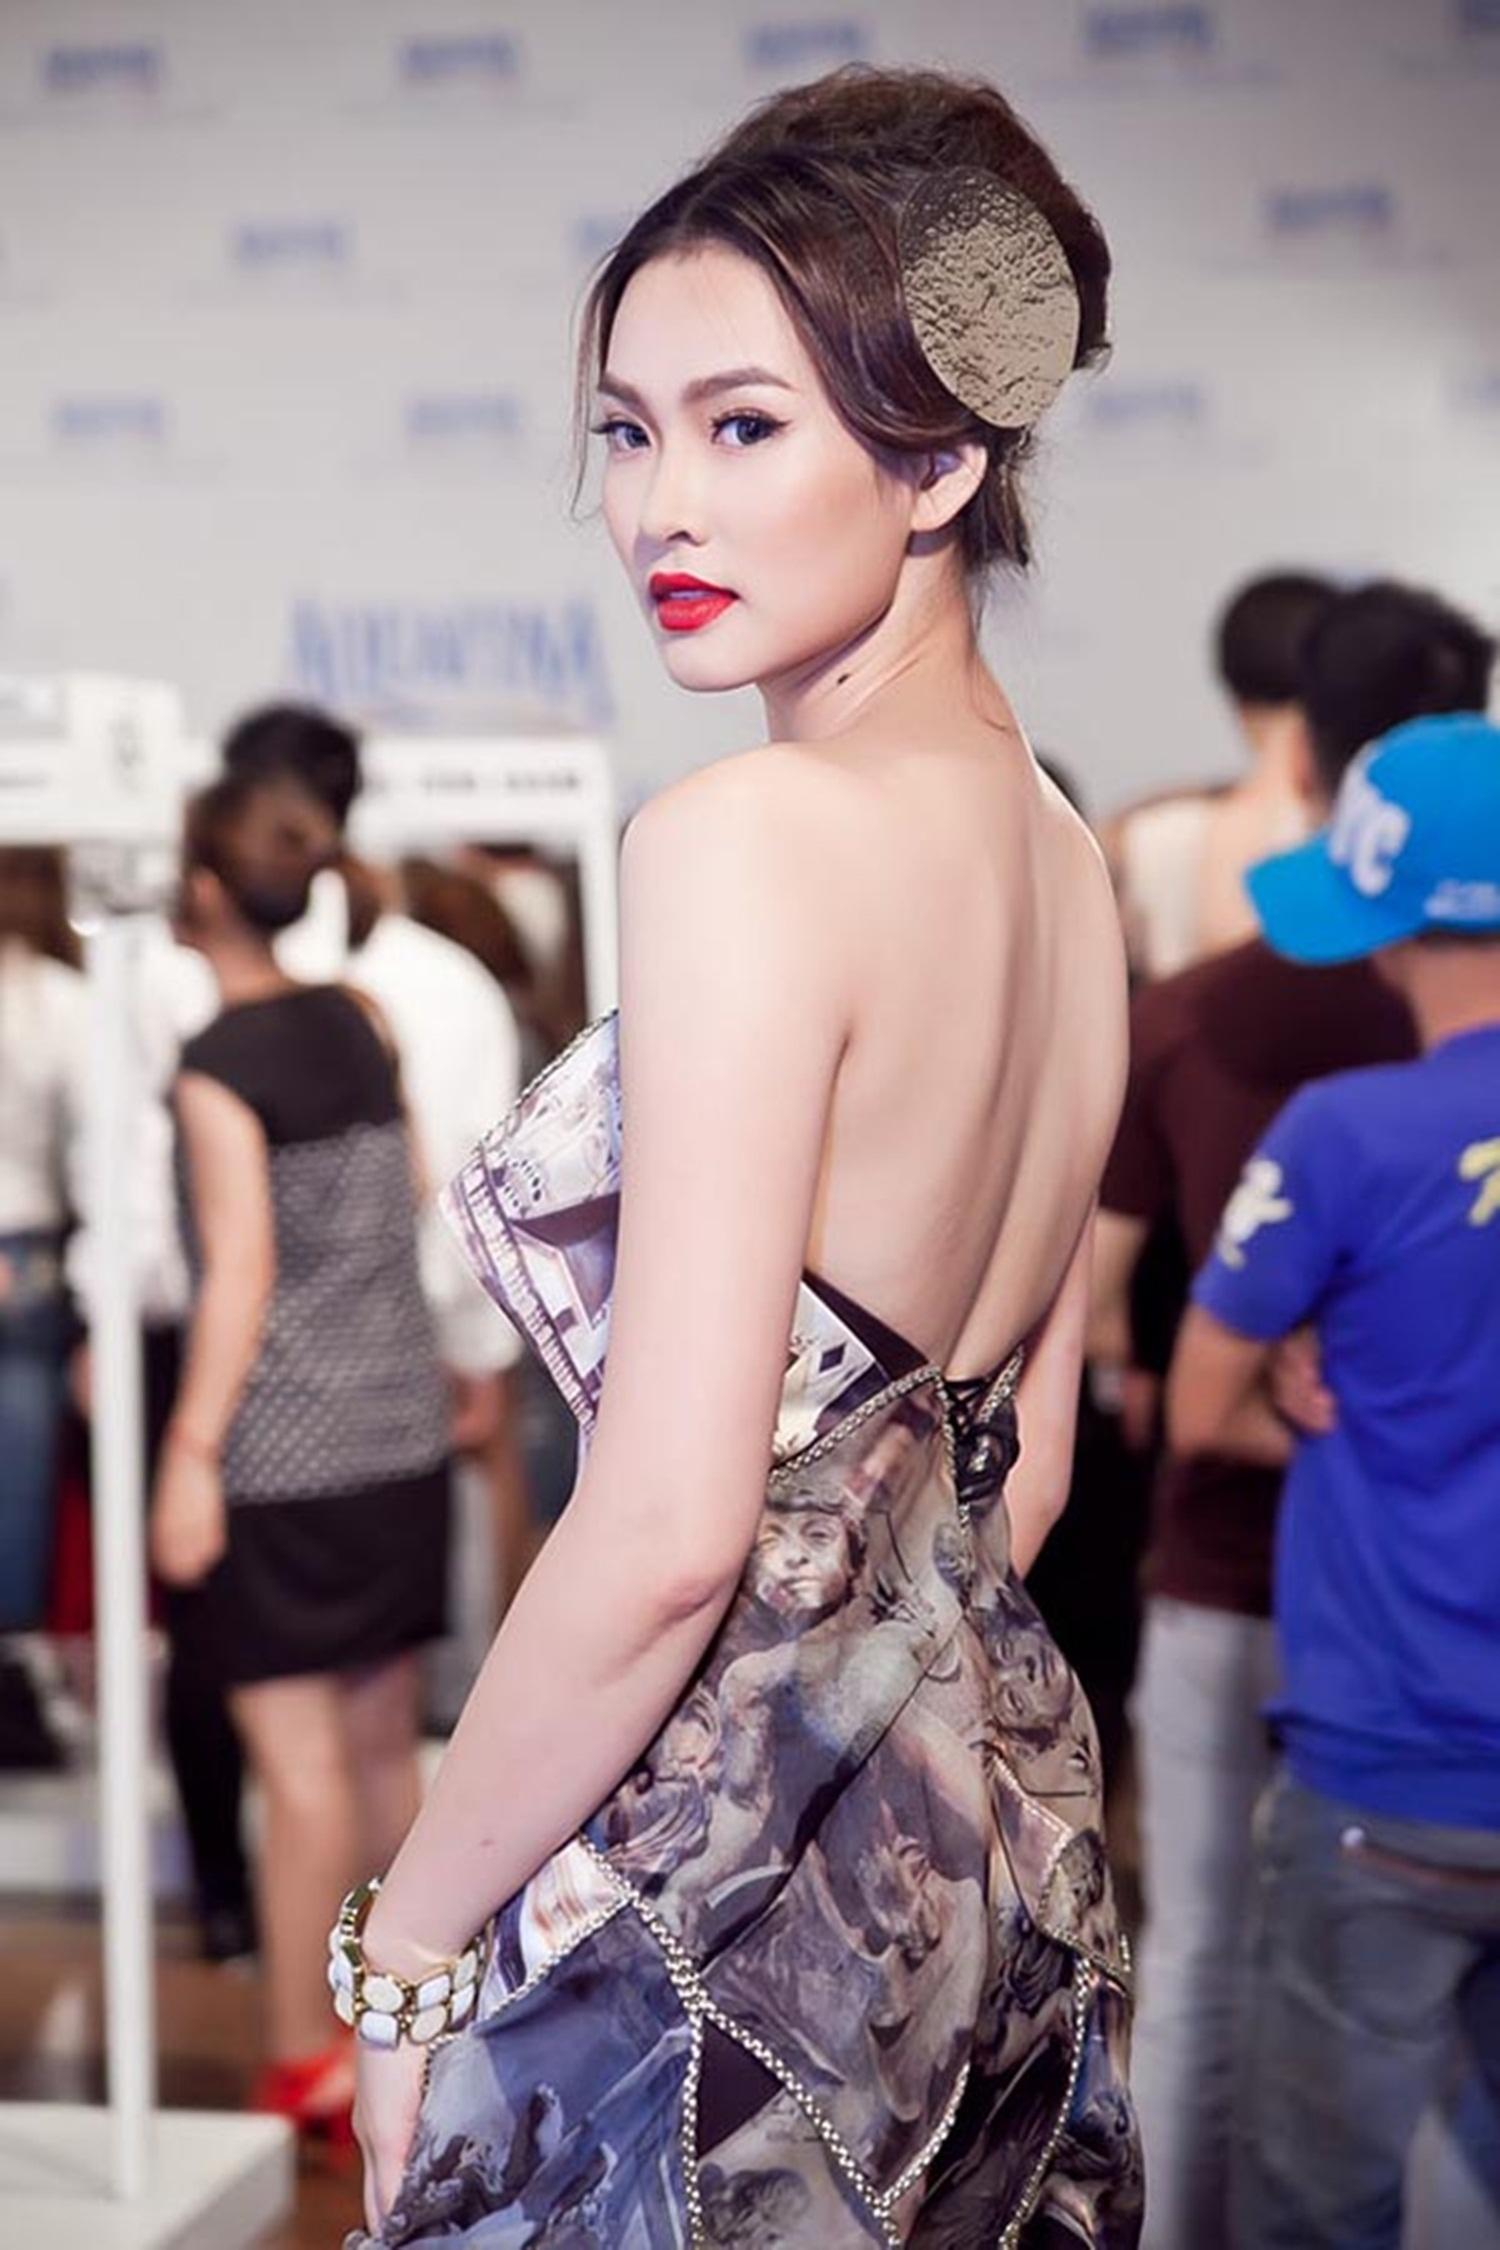 """Hiện tại, Vương Thu Phương cũng đã có cuộc sống yên bình hơn sau những ồn ào tại cuộc thi """"Hoa hậu Việt Nam 2012"""". Cô tập trung kinh doanh và xuất hiện cầm chừng trong vai trò người mẫu."""